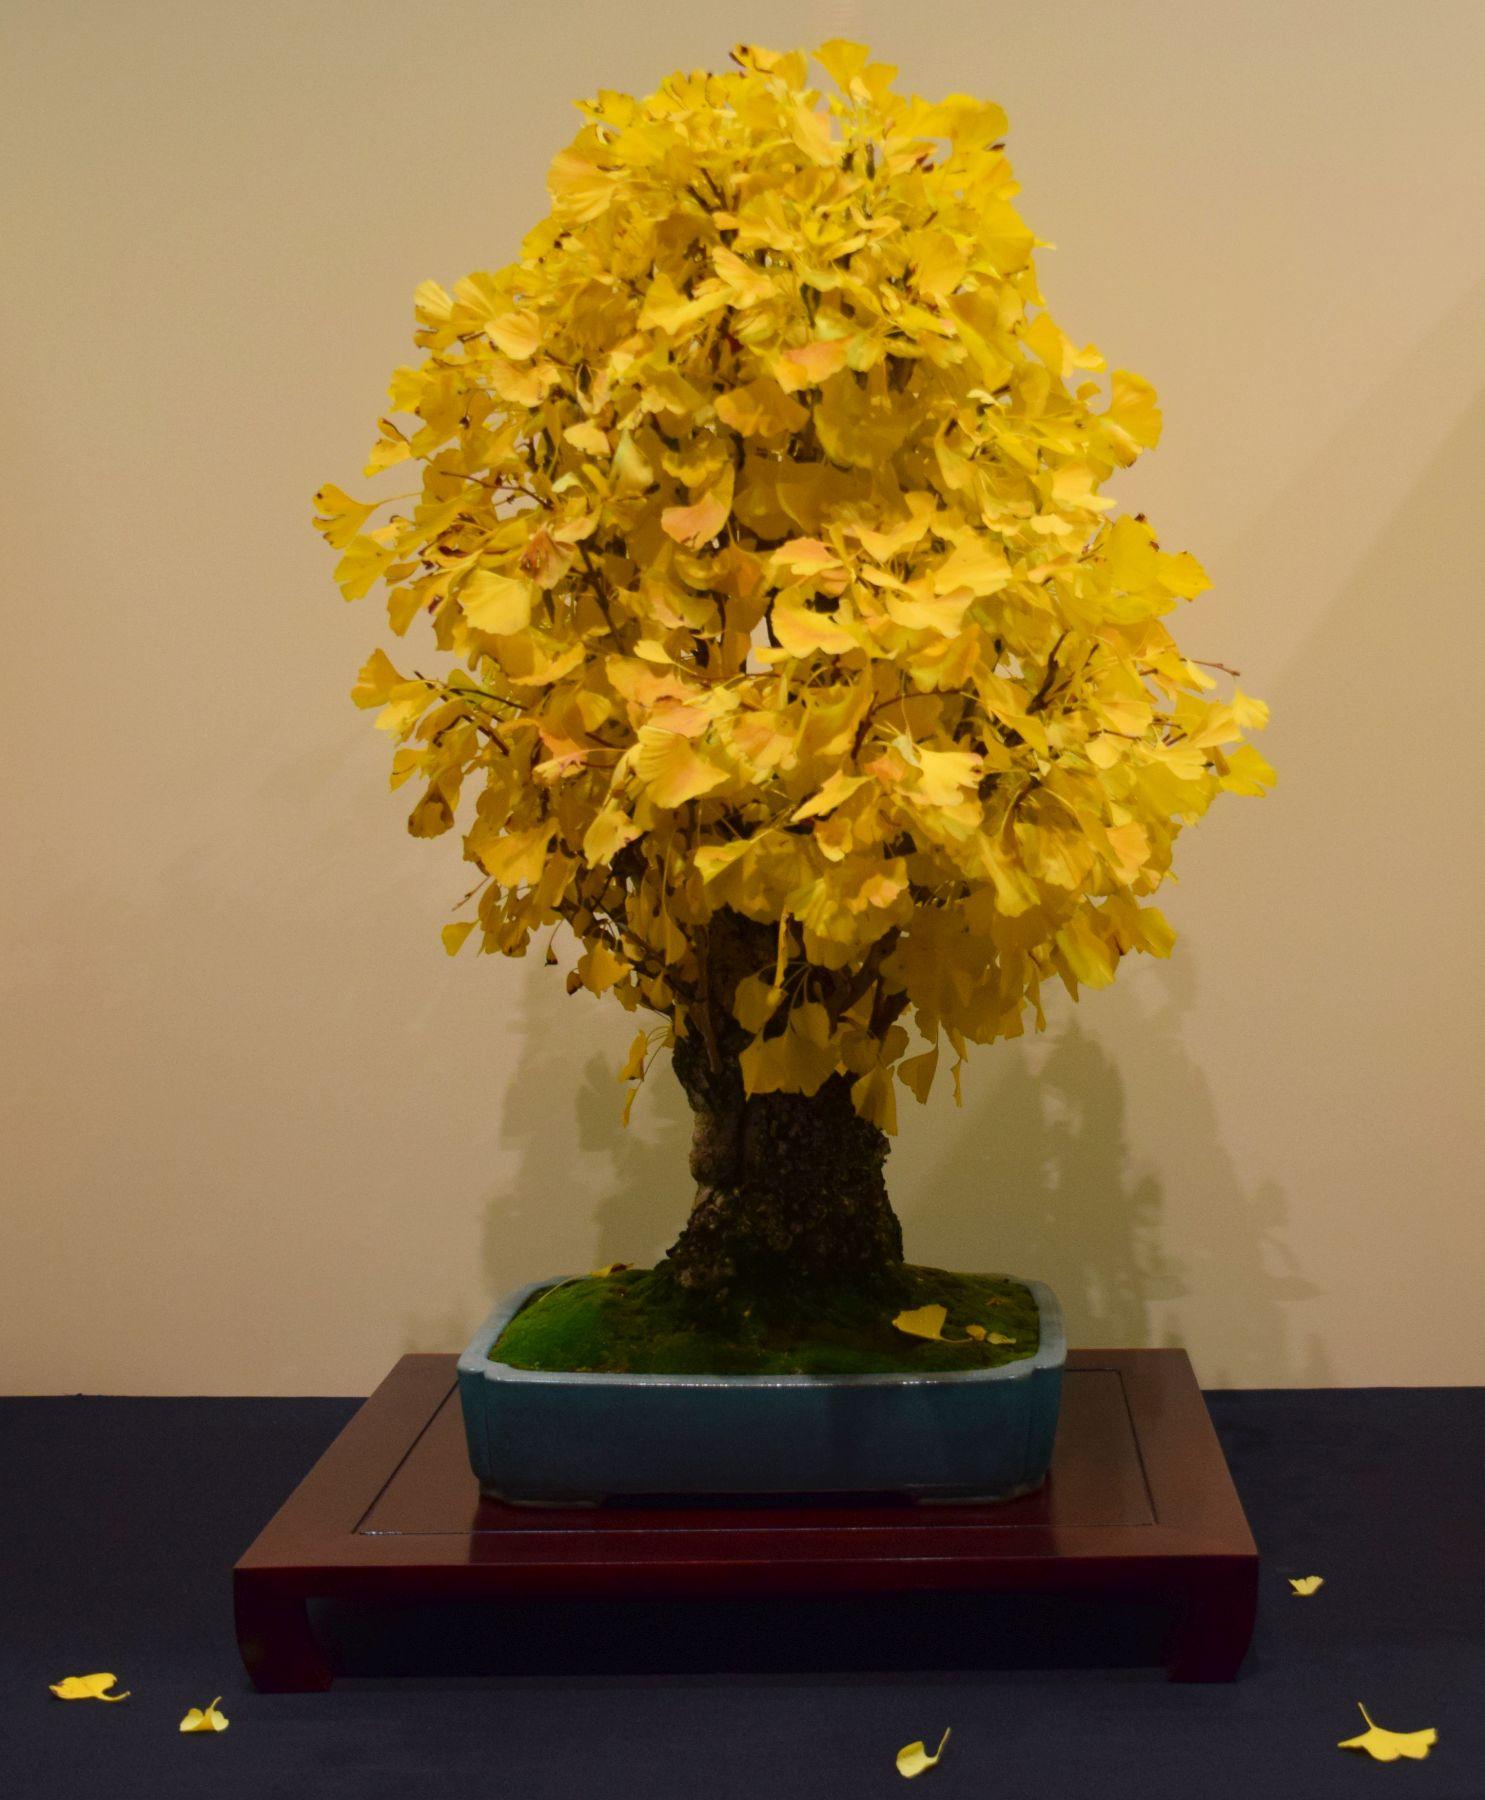 euk-bonsai-ten-2016-jp-polmans-collectie-010